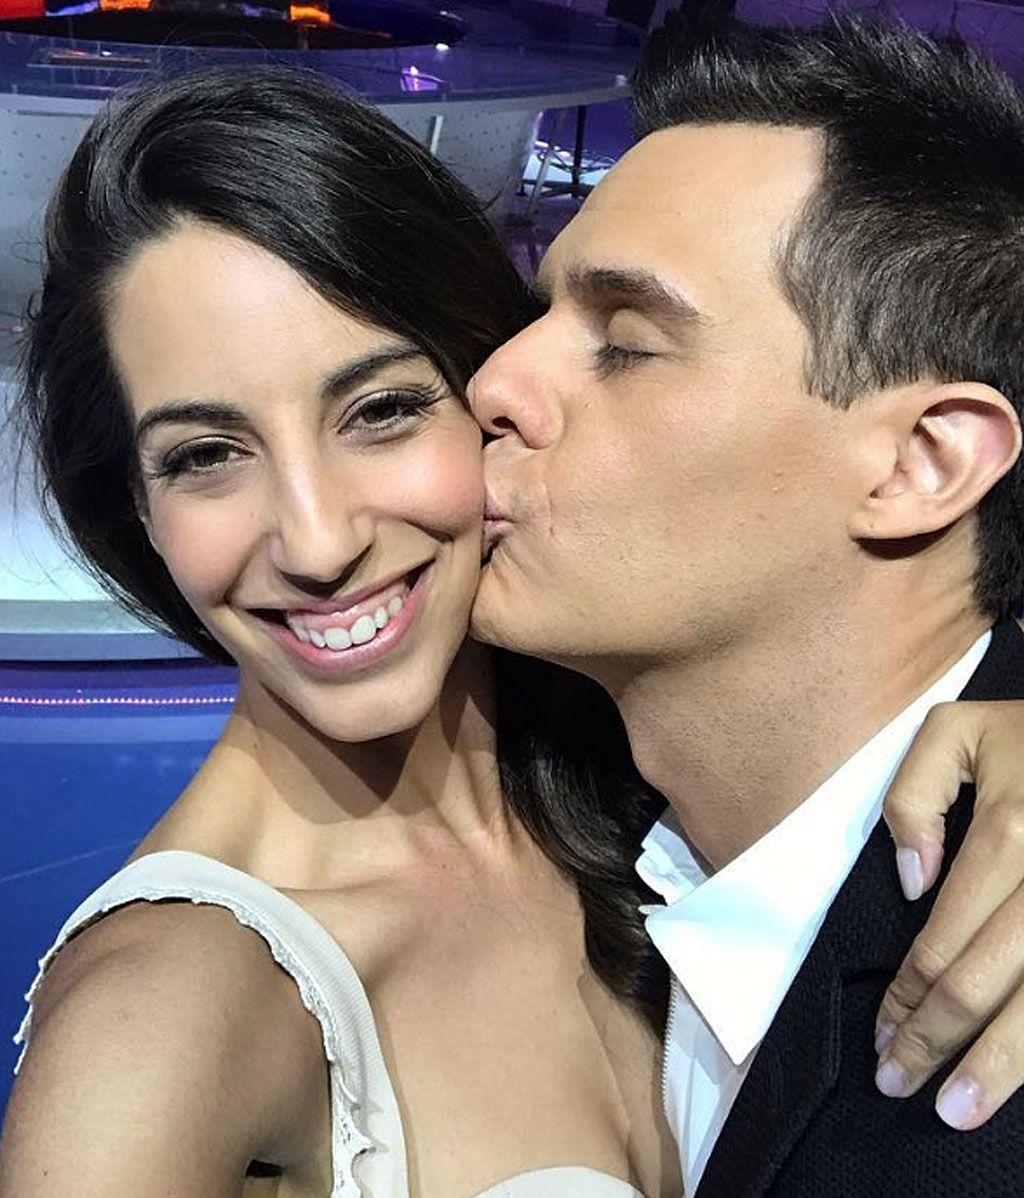 ¡Risas, risas y más risas! Las divertidas y románticas vacaciones de Christian Gálvez y Almudena Cid